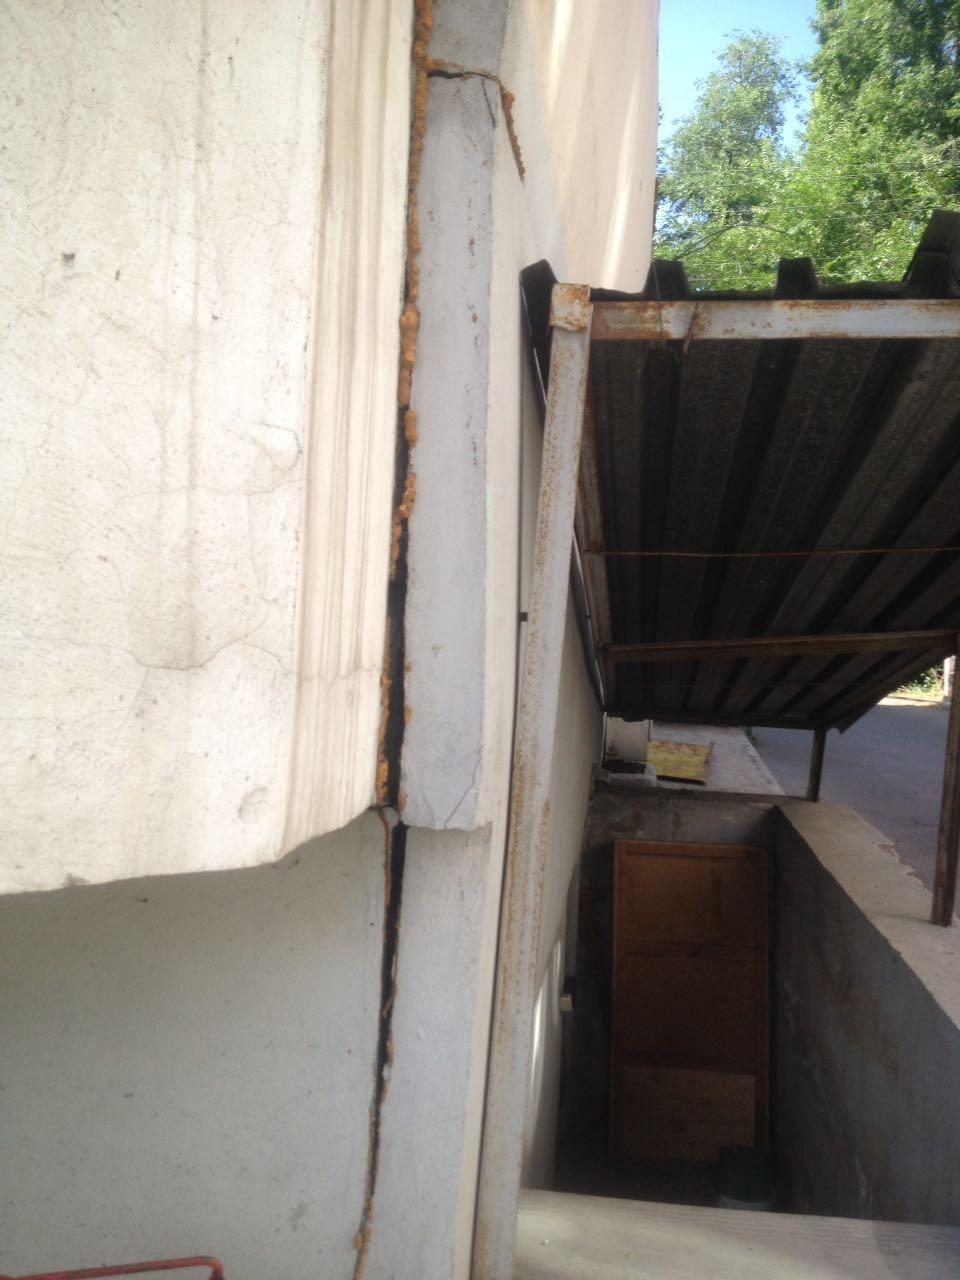 Жители многоэтажки предполагают, что здание может обрушиться